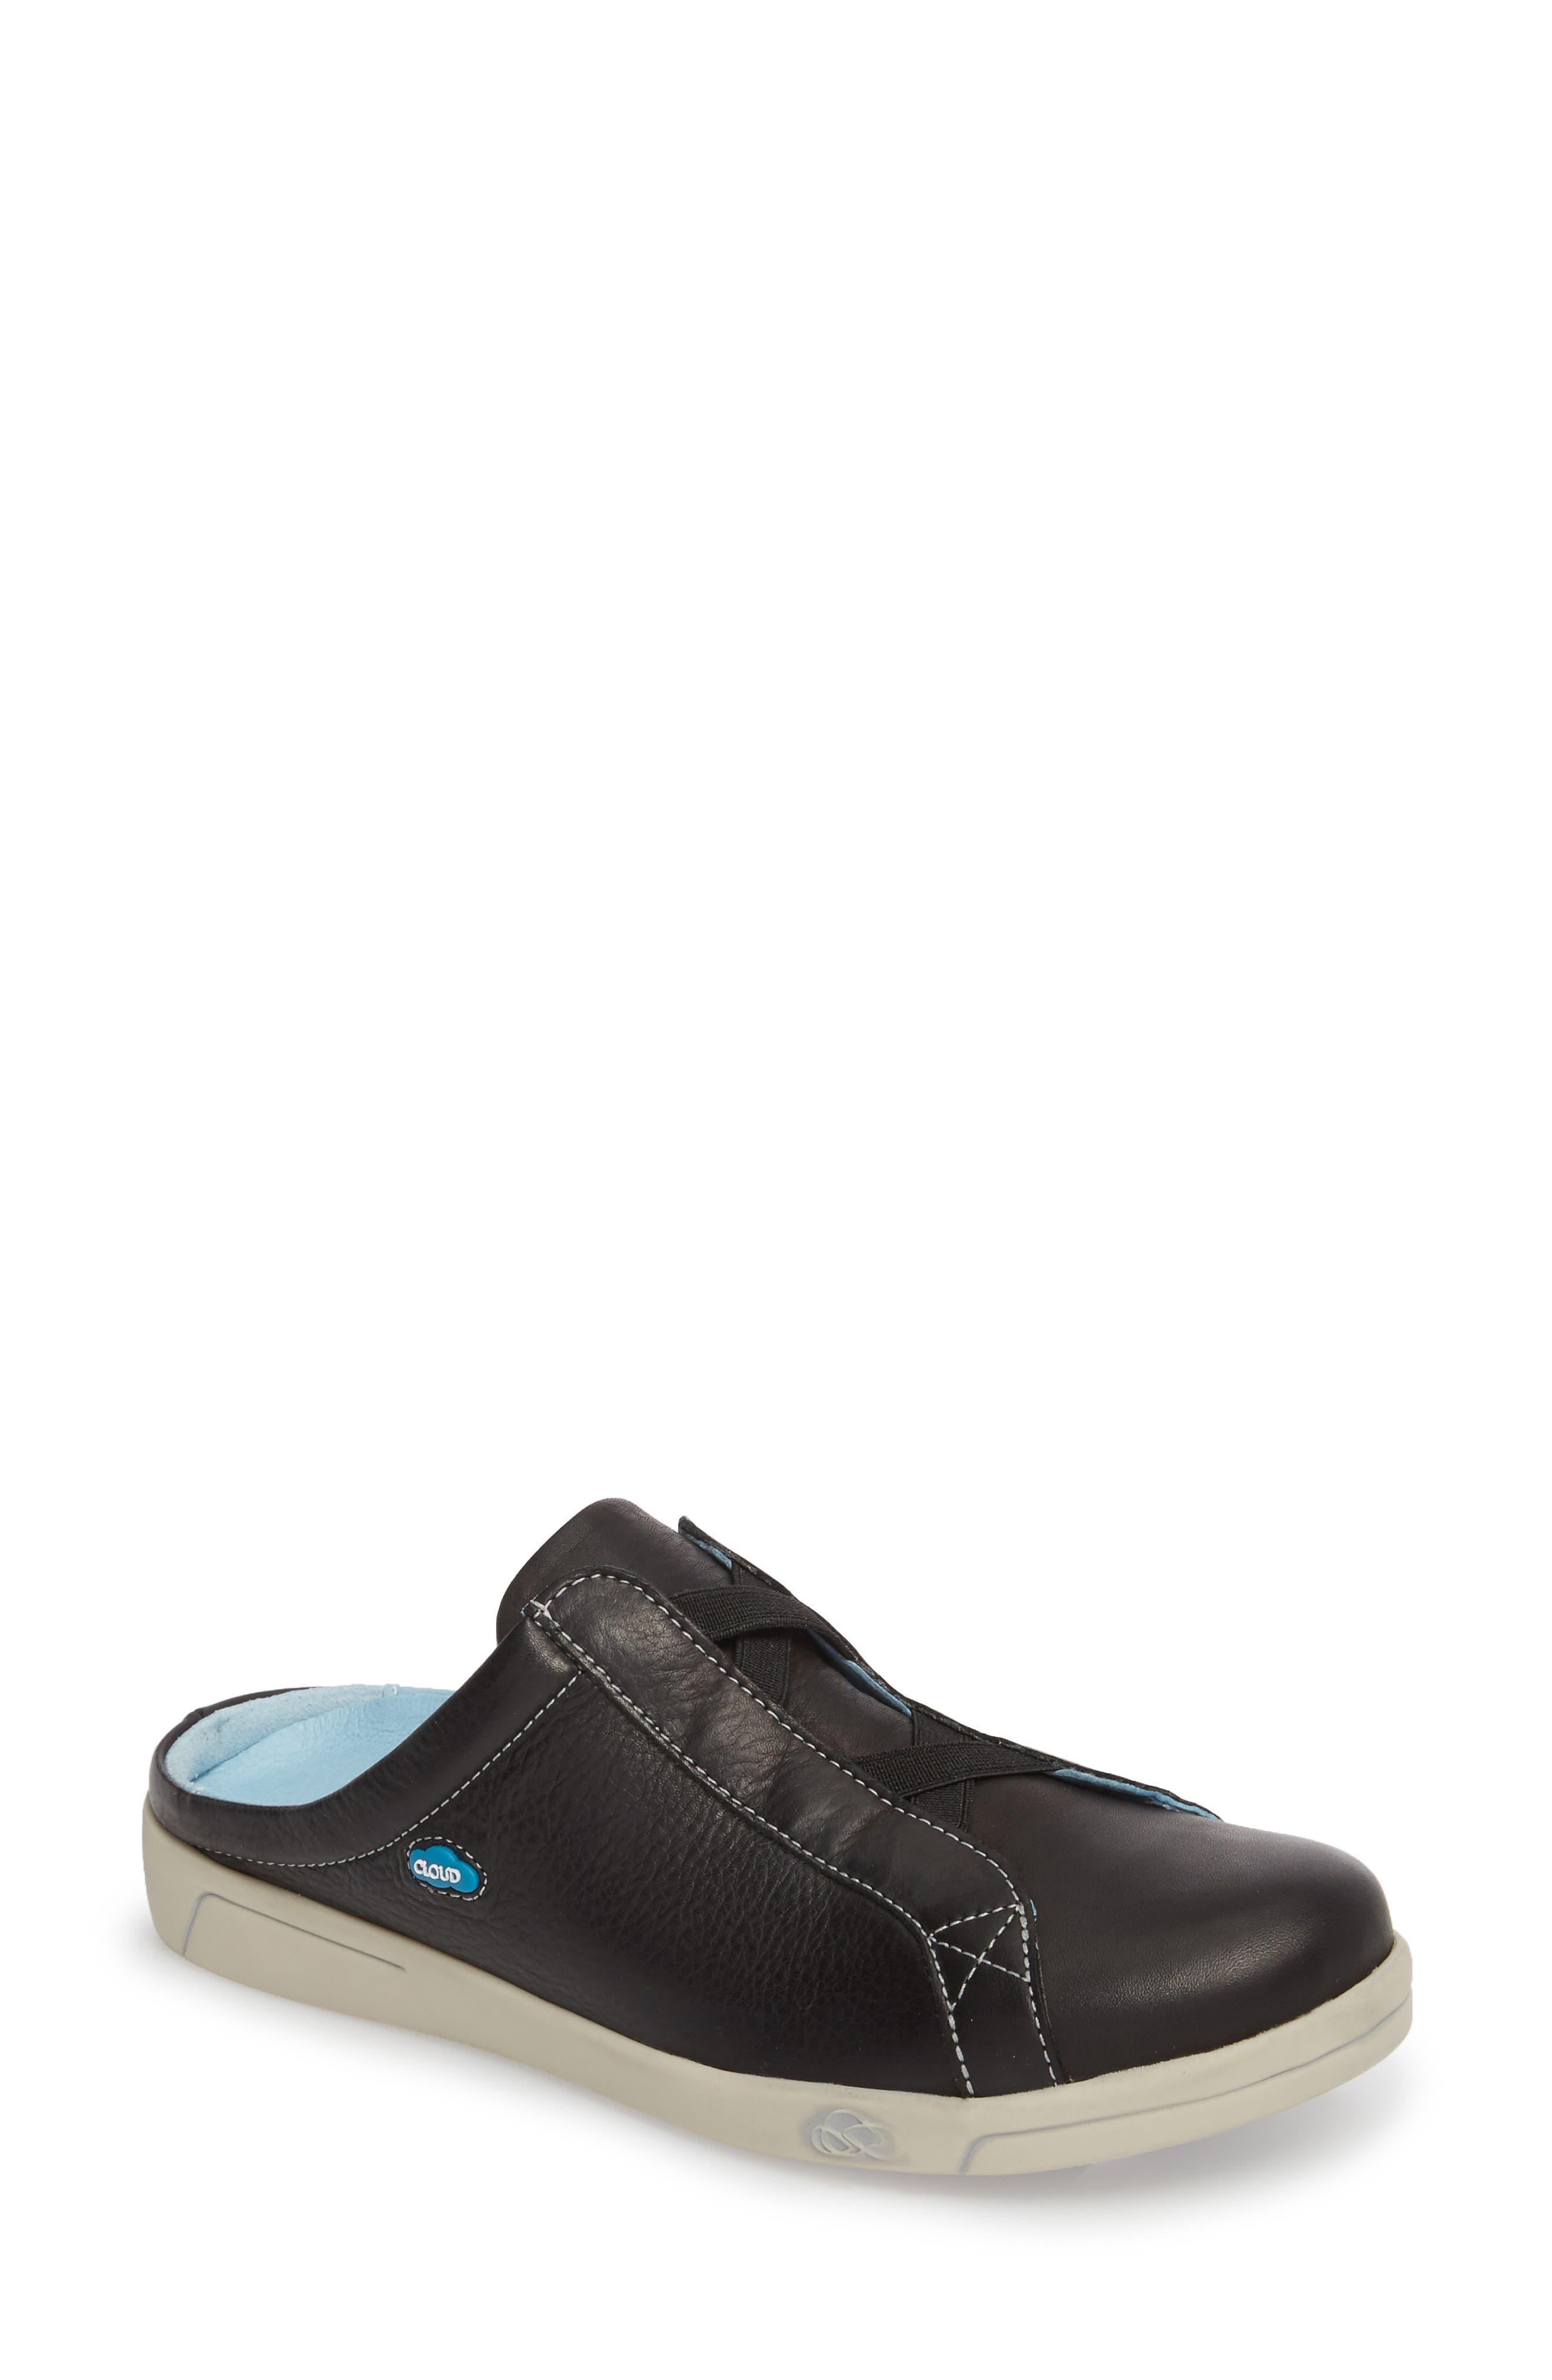 Arizona Sneaker,                             Main thumbnail 1, color,                             BLACK LEATHER